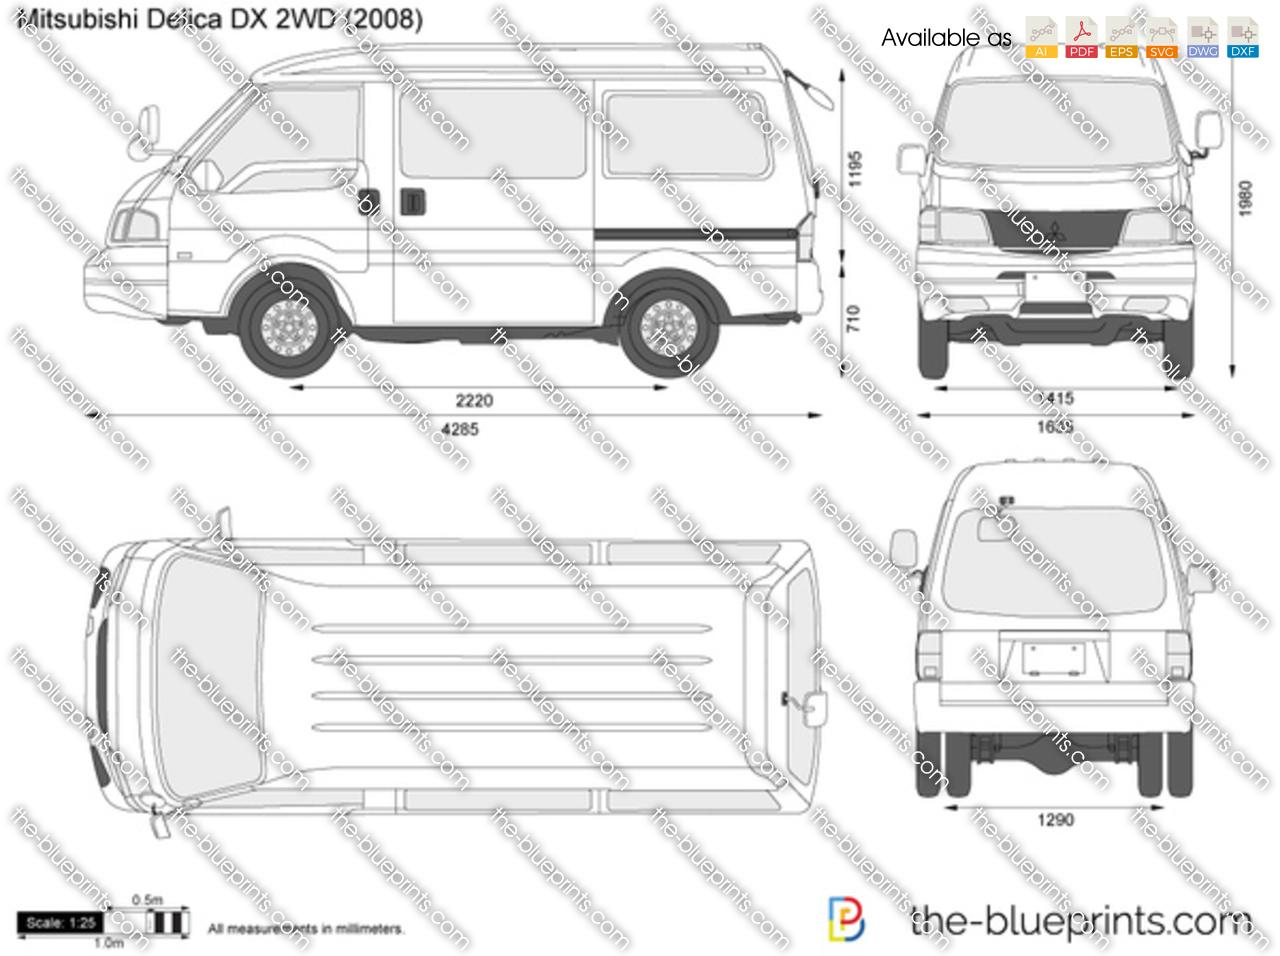 Mitsubishi Delica DX 2WD 1995